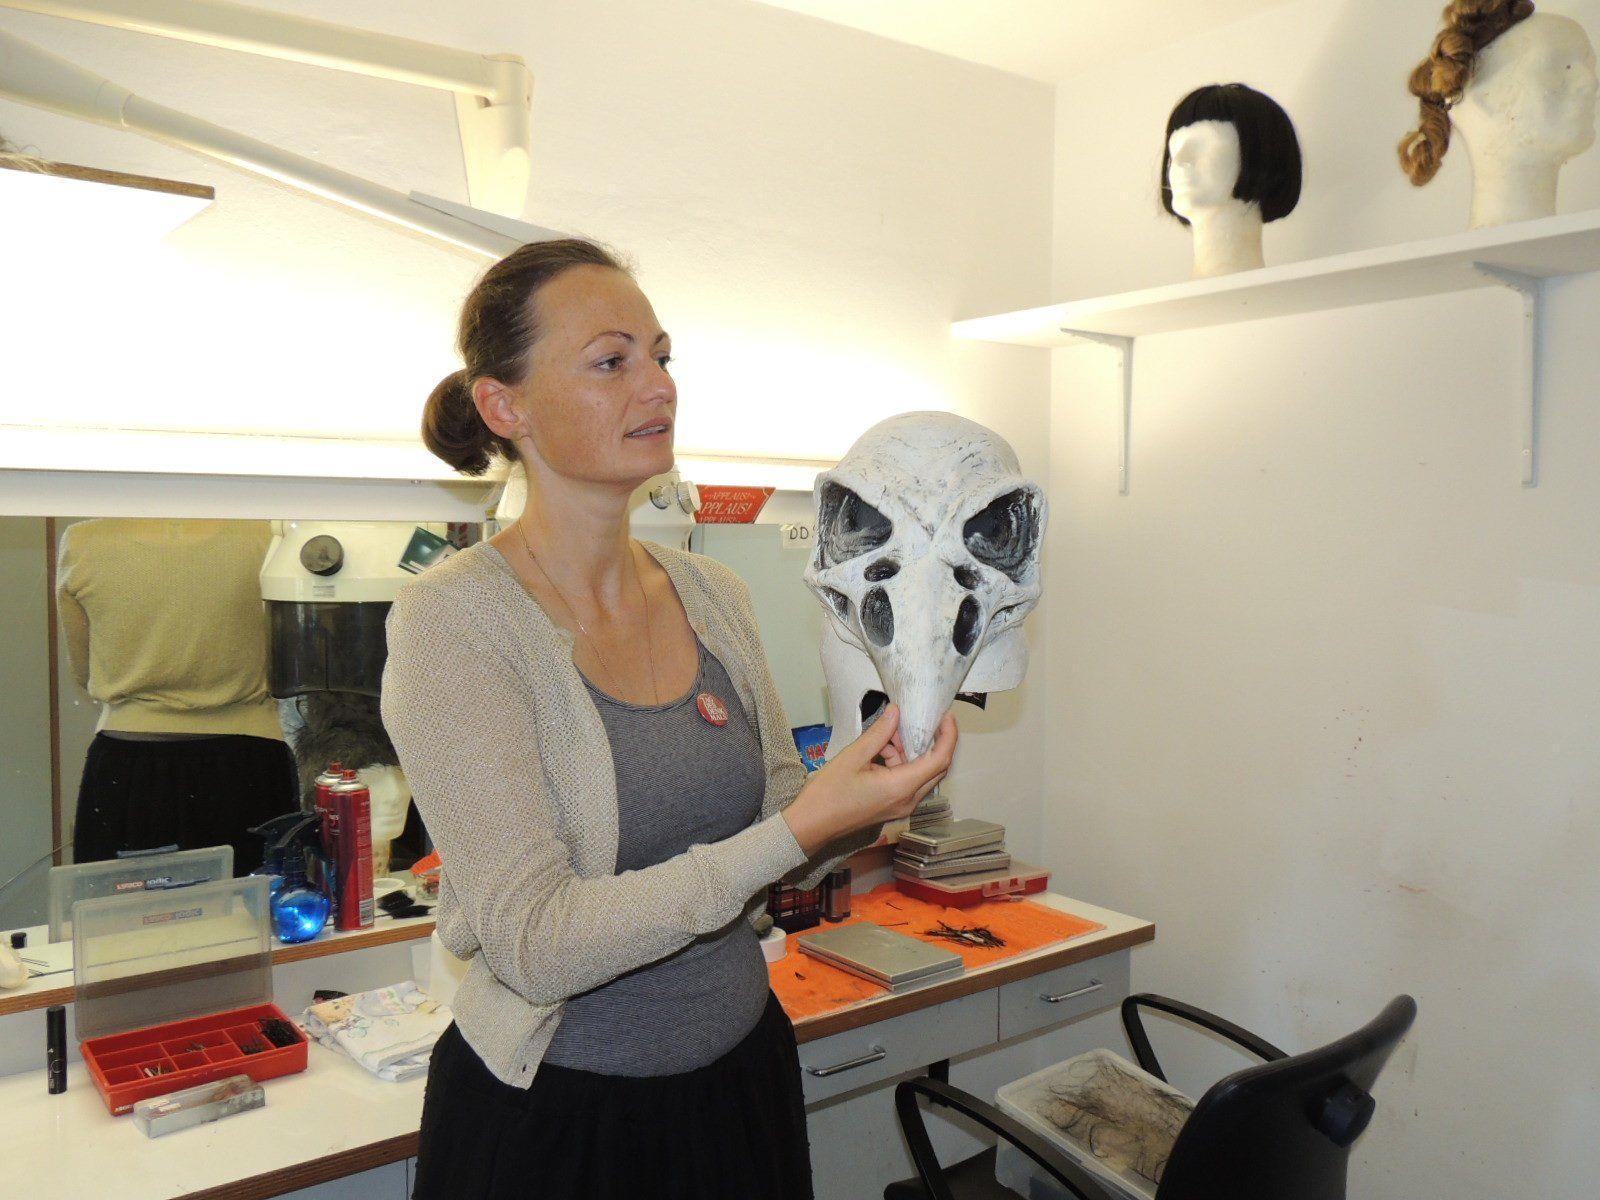 Auch individuell hergestellte Masken werden für die Aufführungen produziert